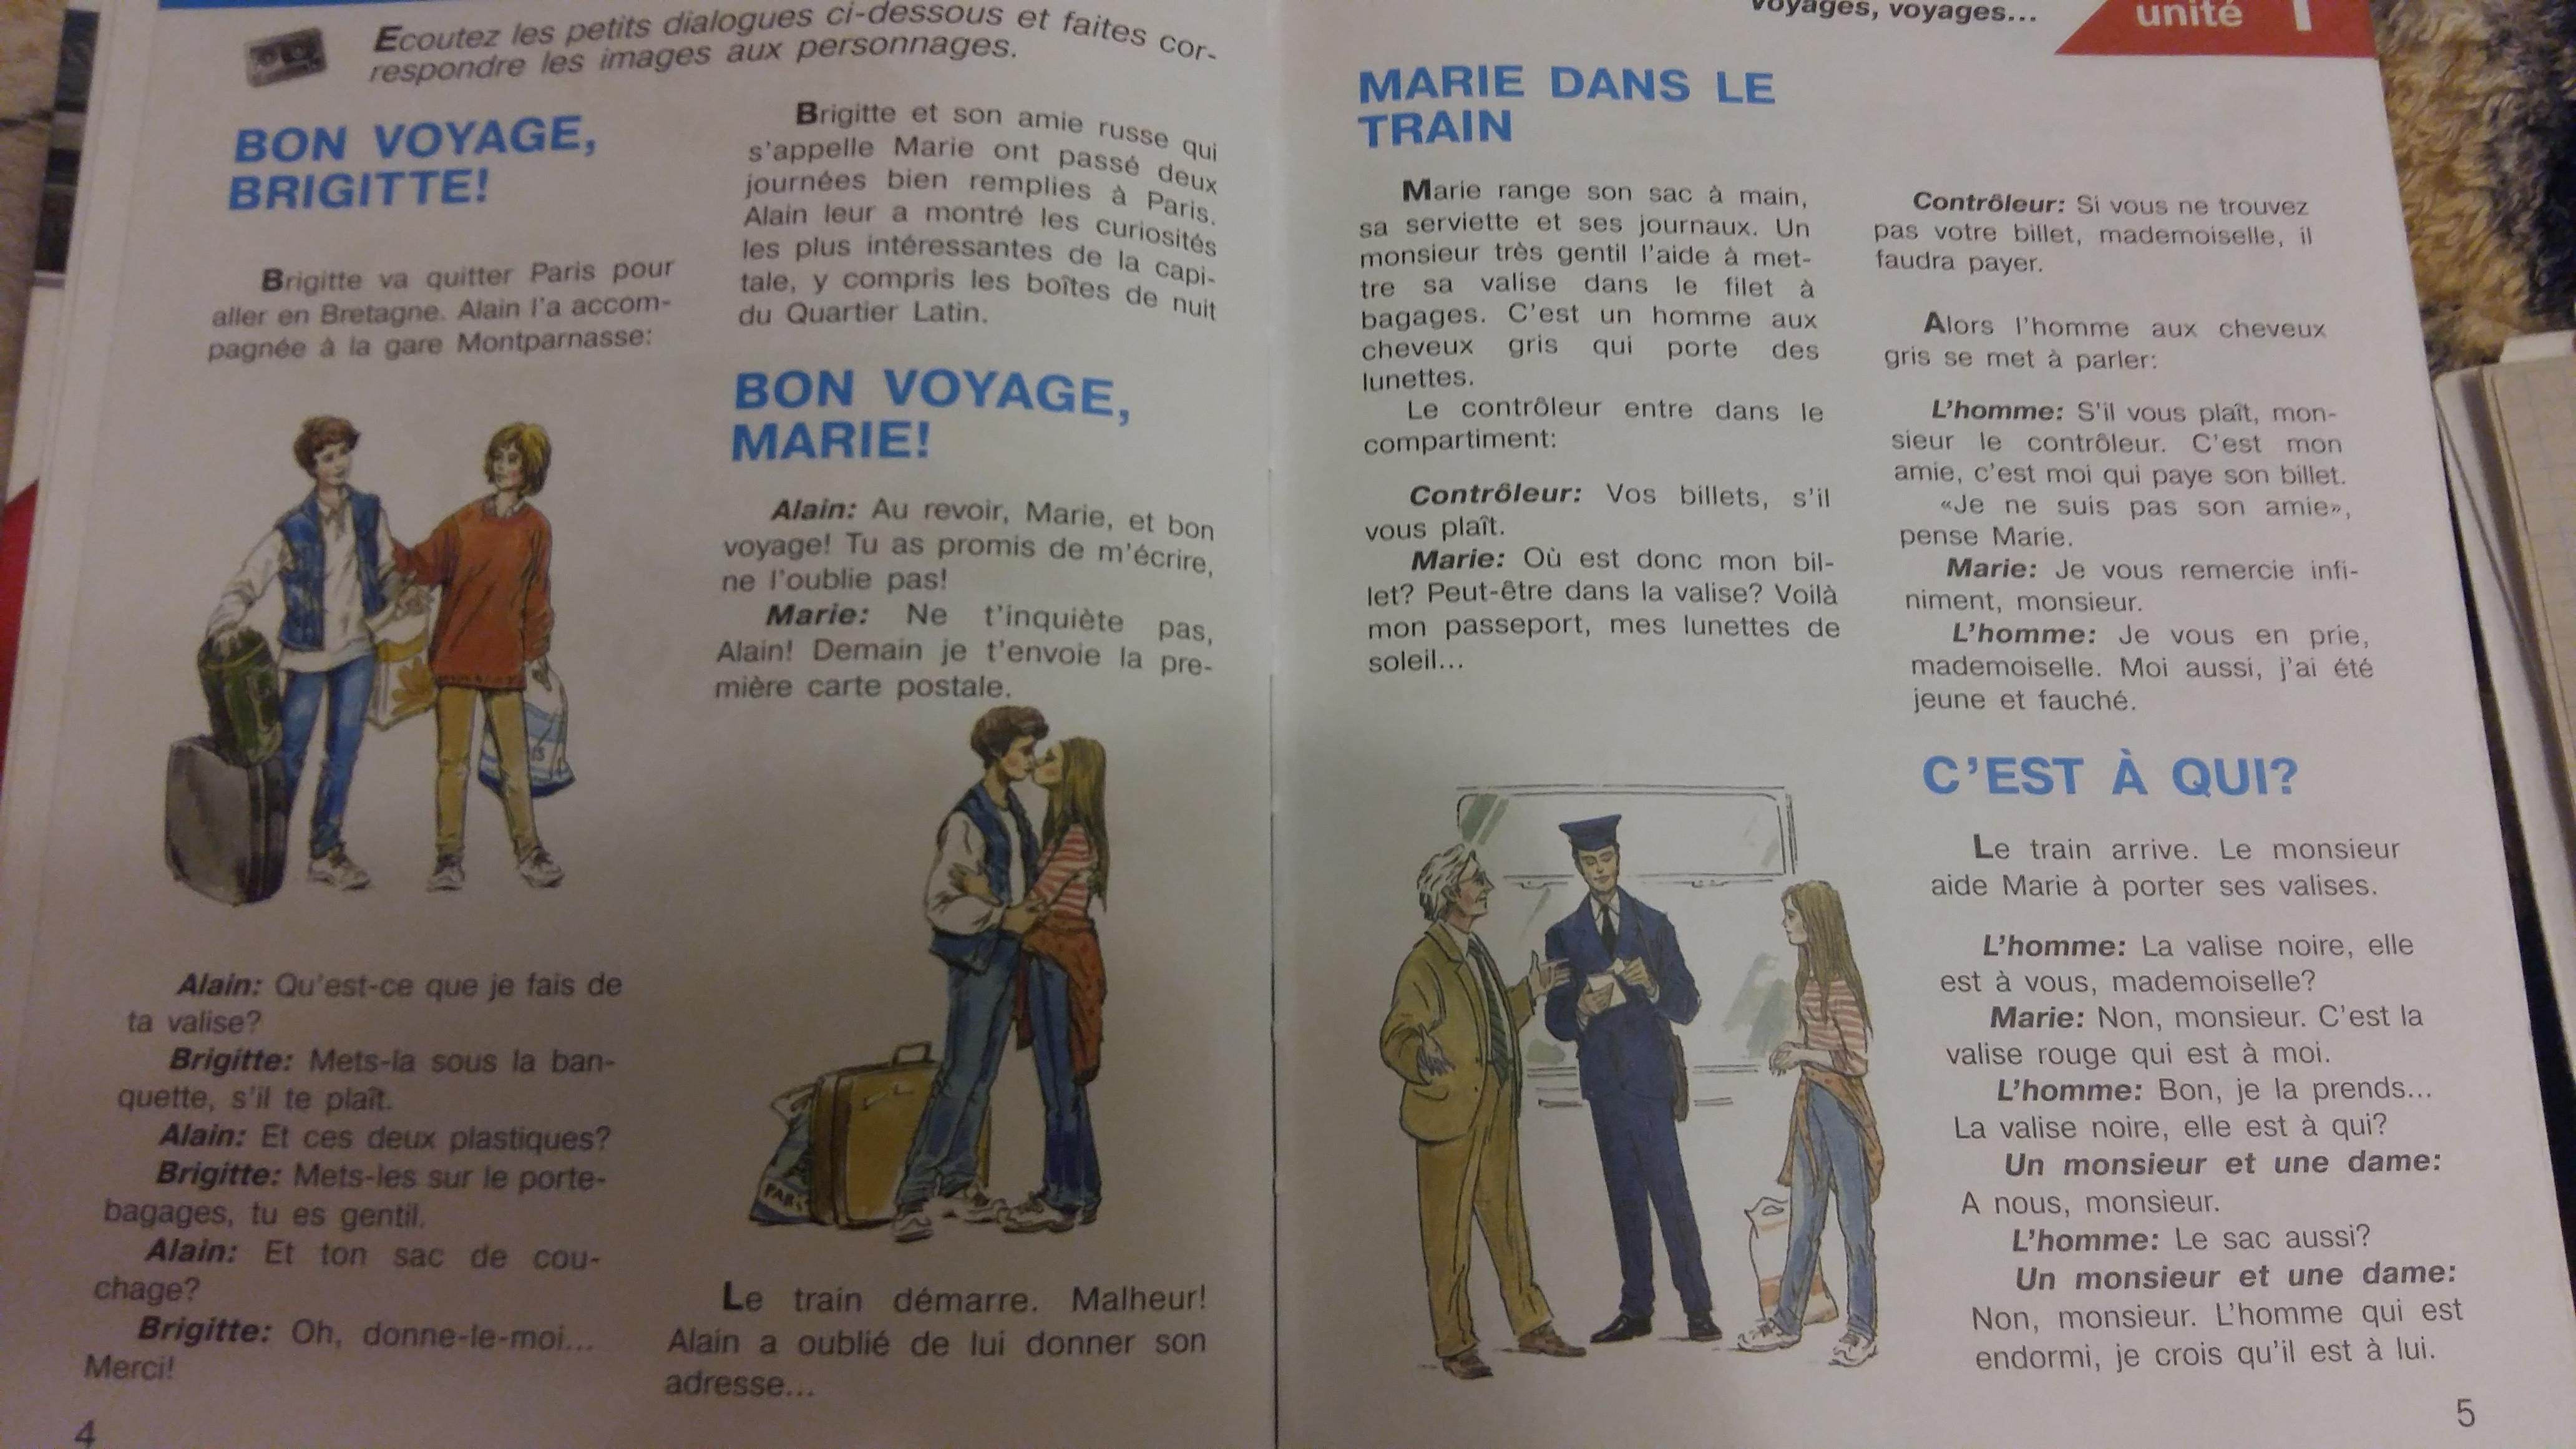 Французский язык : Напишите пожалуйста пересказ данного диалога?